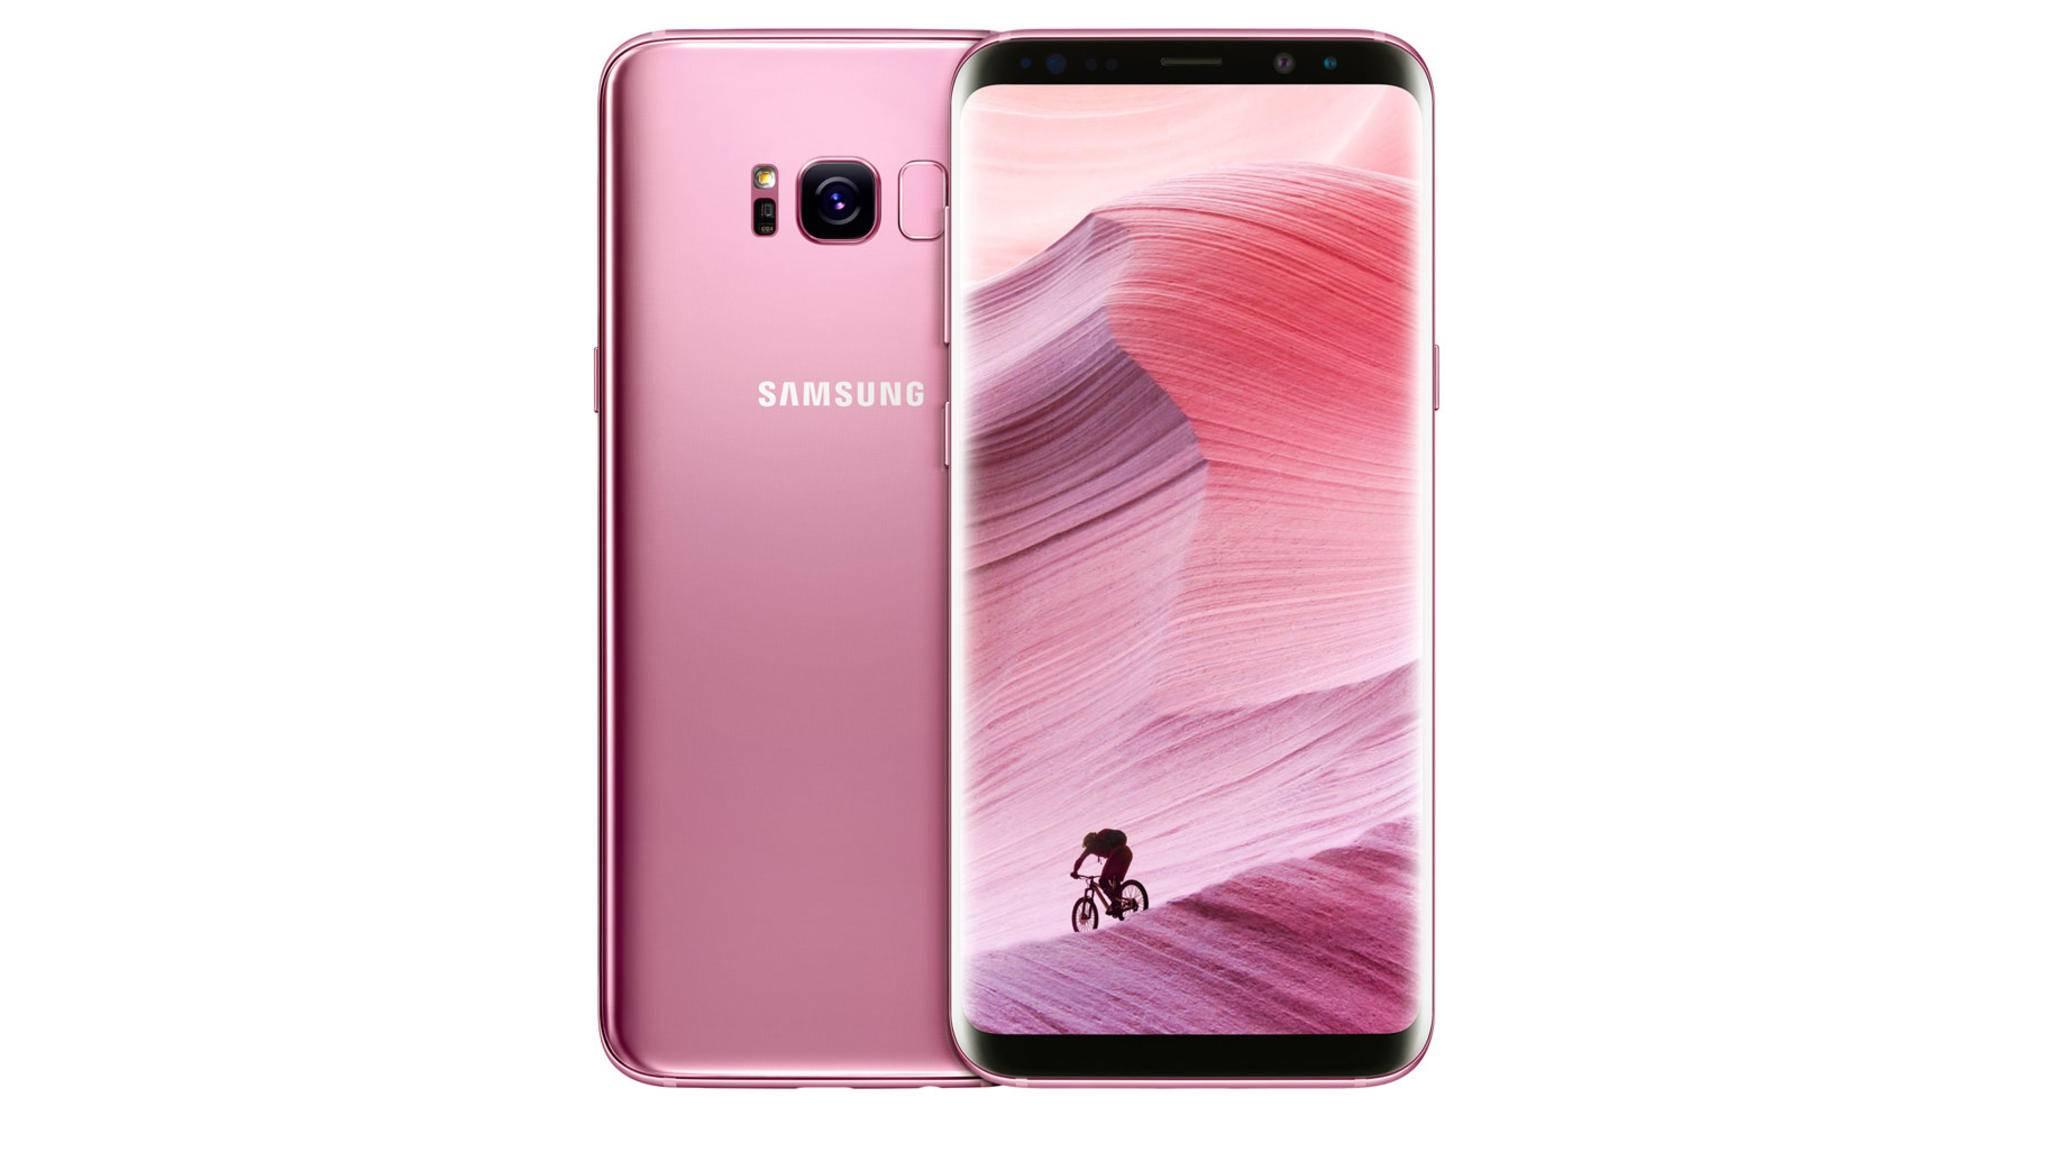 Zum Start wird das Galaxy S8 Plus in Rose Pink in Südkorea und Taiwan erhältlich sein.